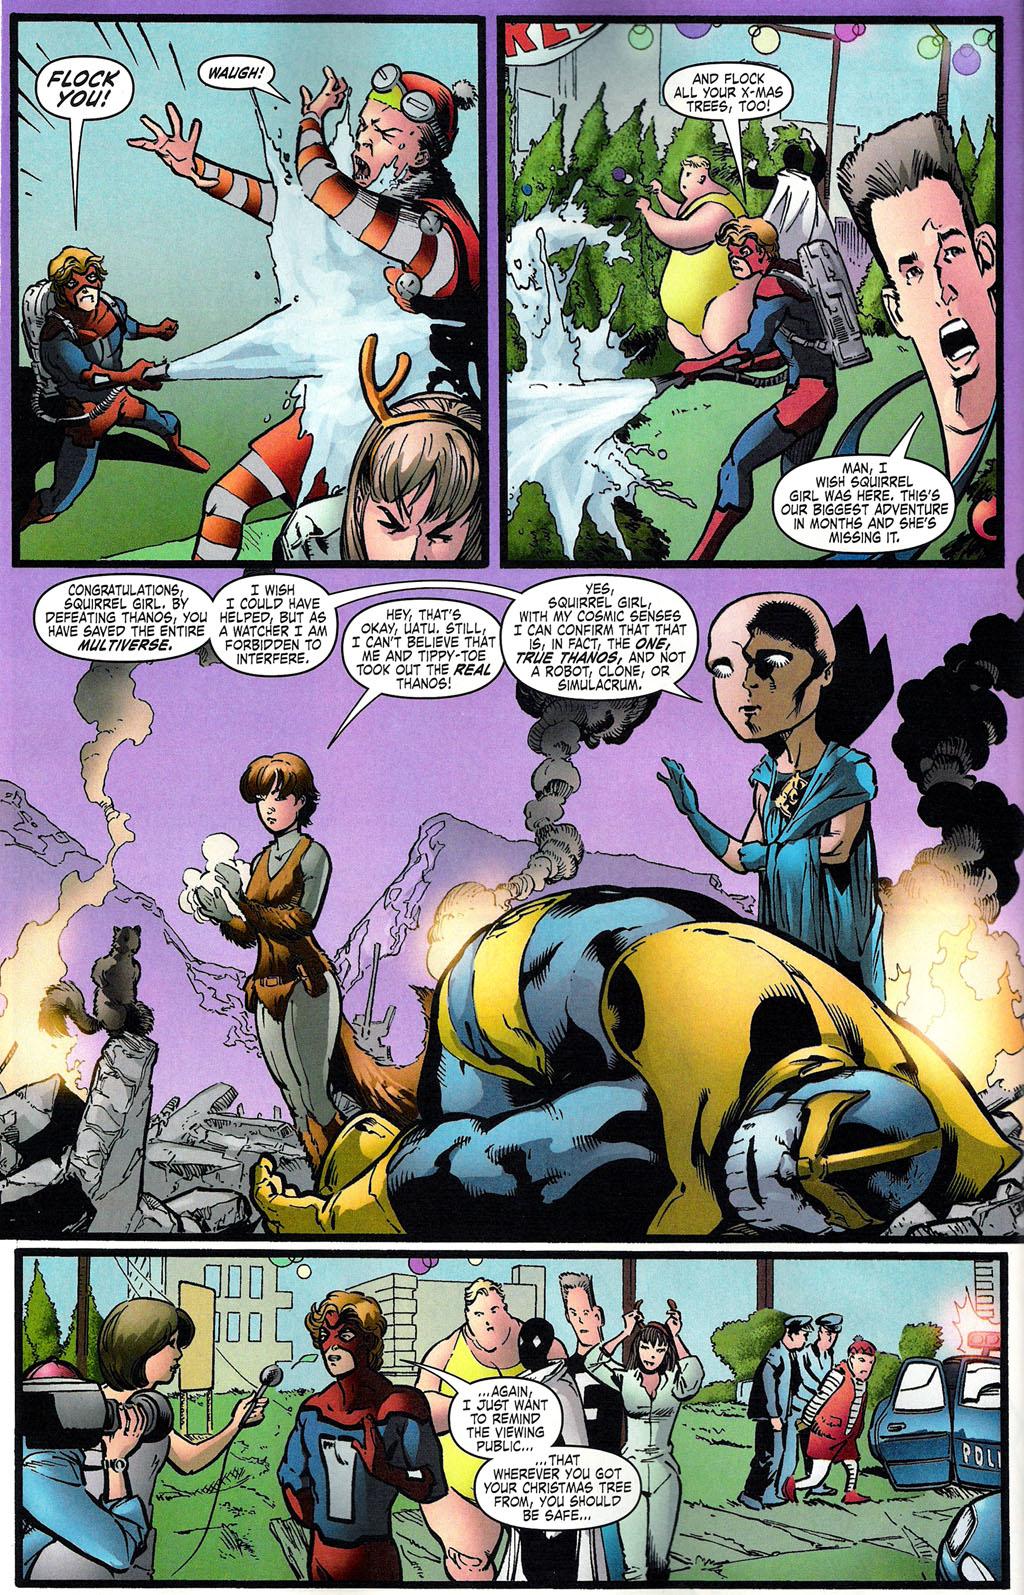 Thanos v Squirrel Girl - KabaLounge